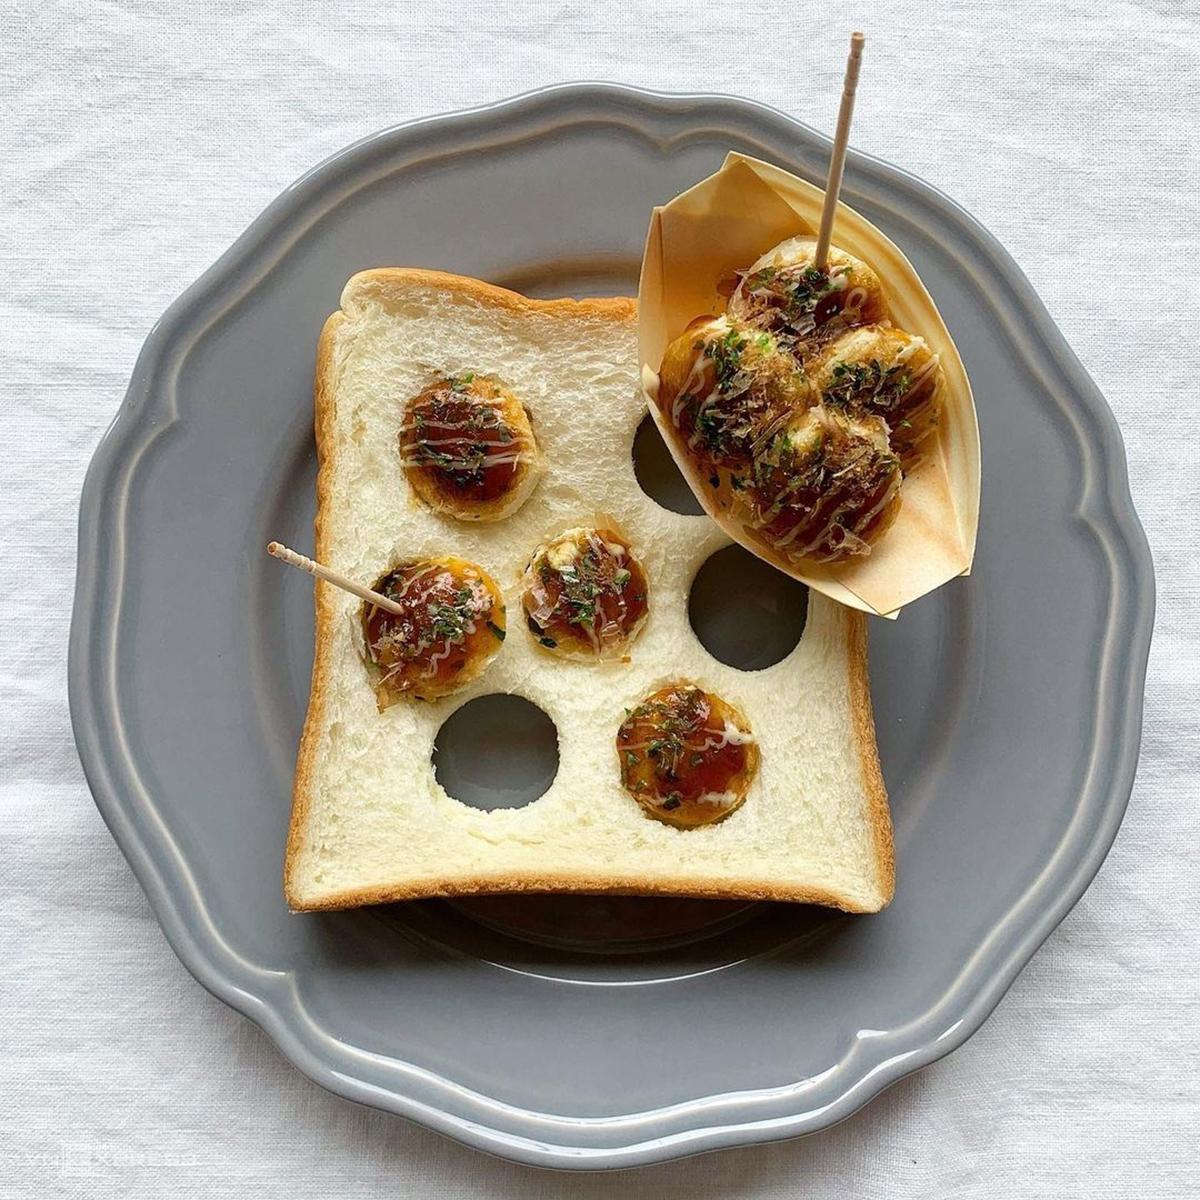 Bánh mì Takoyaki mô phỏng món takoyaki (bánh bạch tuộc nướng) nổi tiếng ở Nhật Bản. Bánh có hình dạng tròn như trái bóng nhỏ, ăn bằng tăm. Qua bàn tay khéo léo, Eiko Mori đã tạo hình những chiếc bánh, nước sốt và dăm cá ngừ khô sống động như thật từ bánh mì.